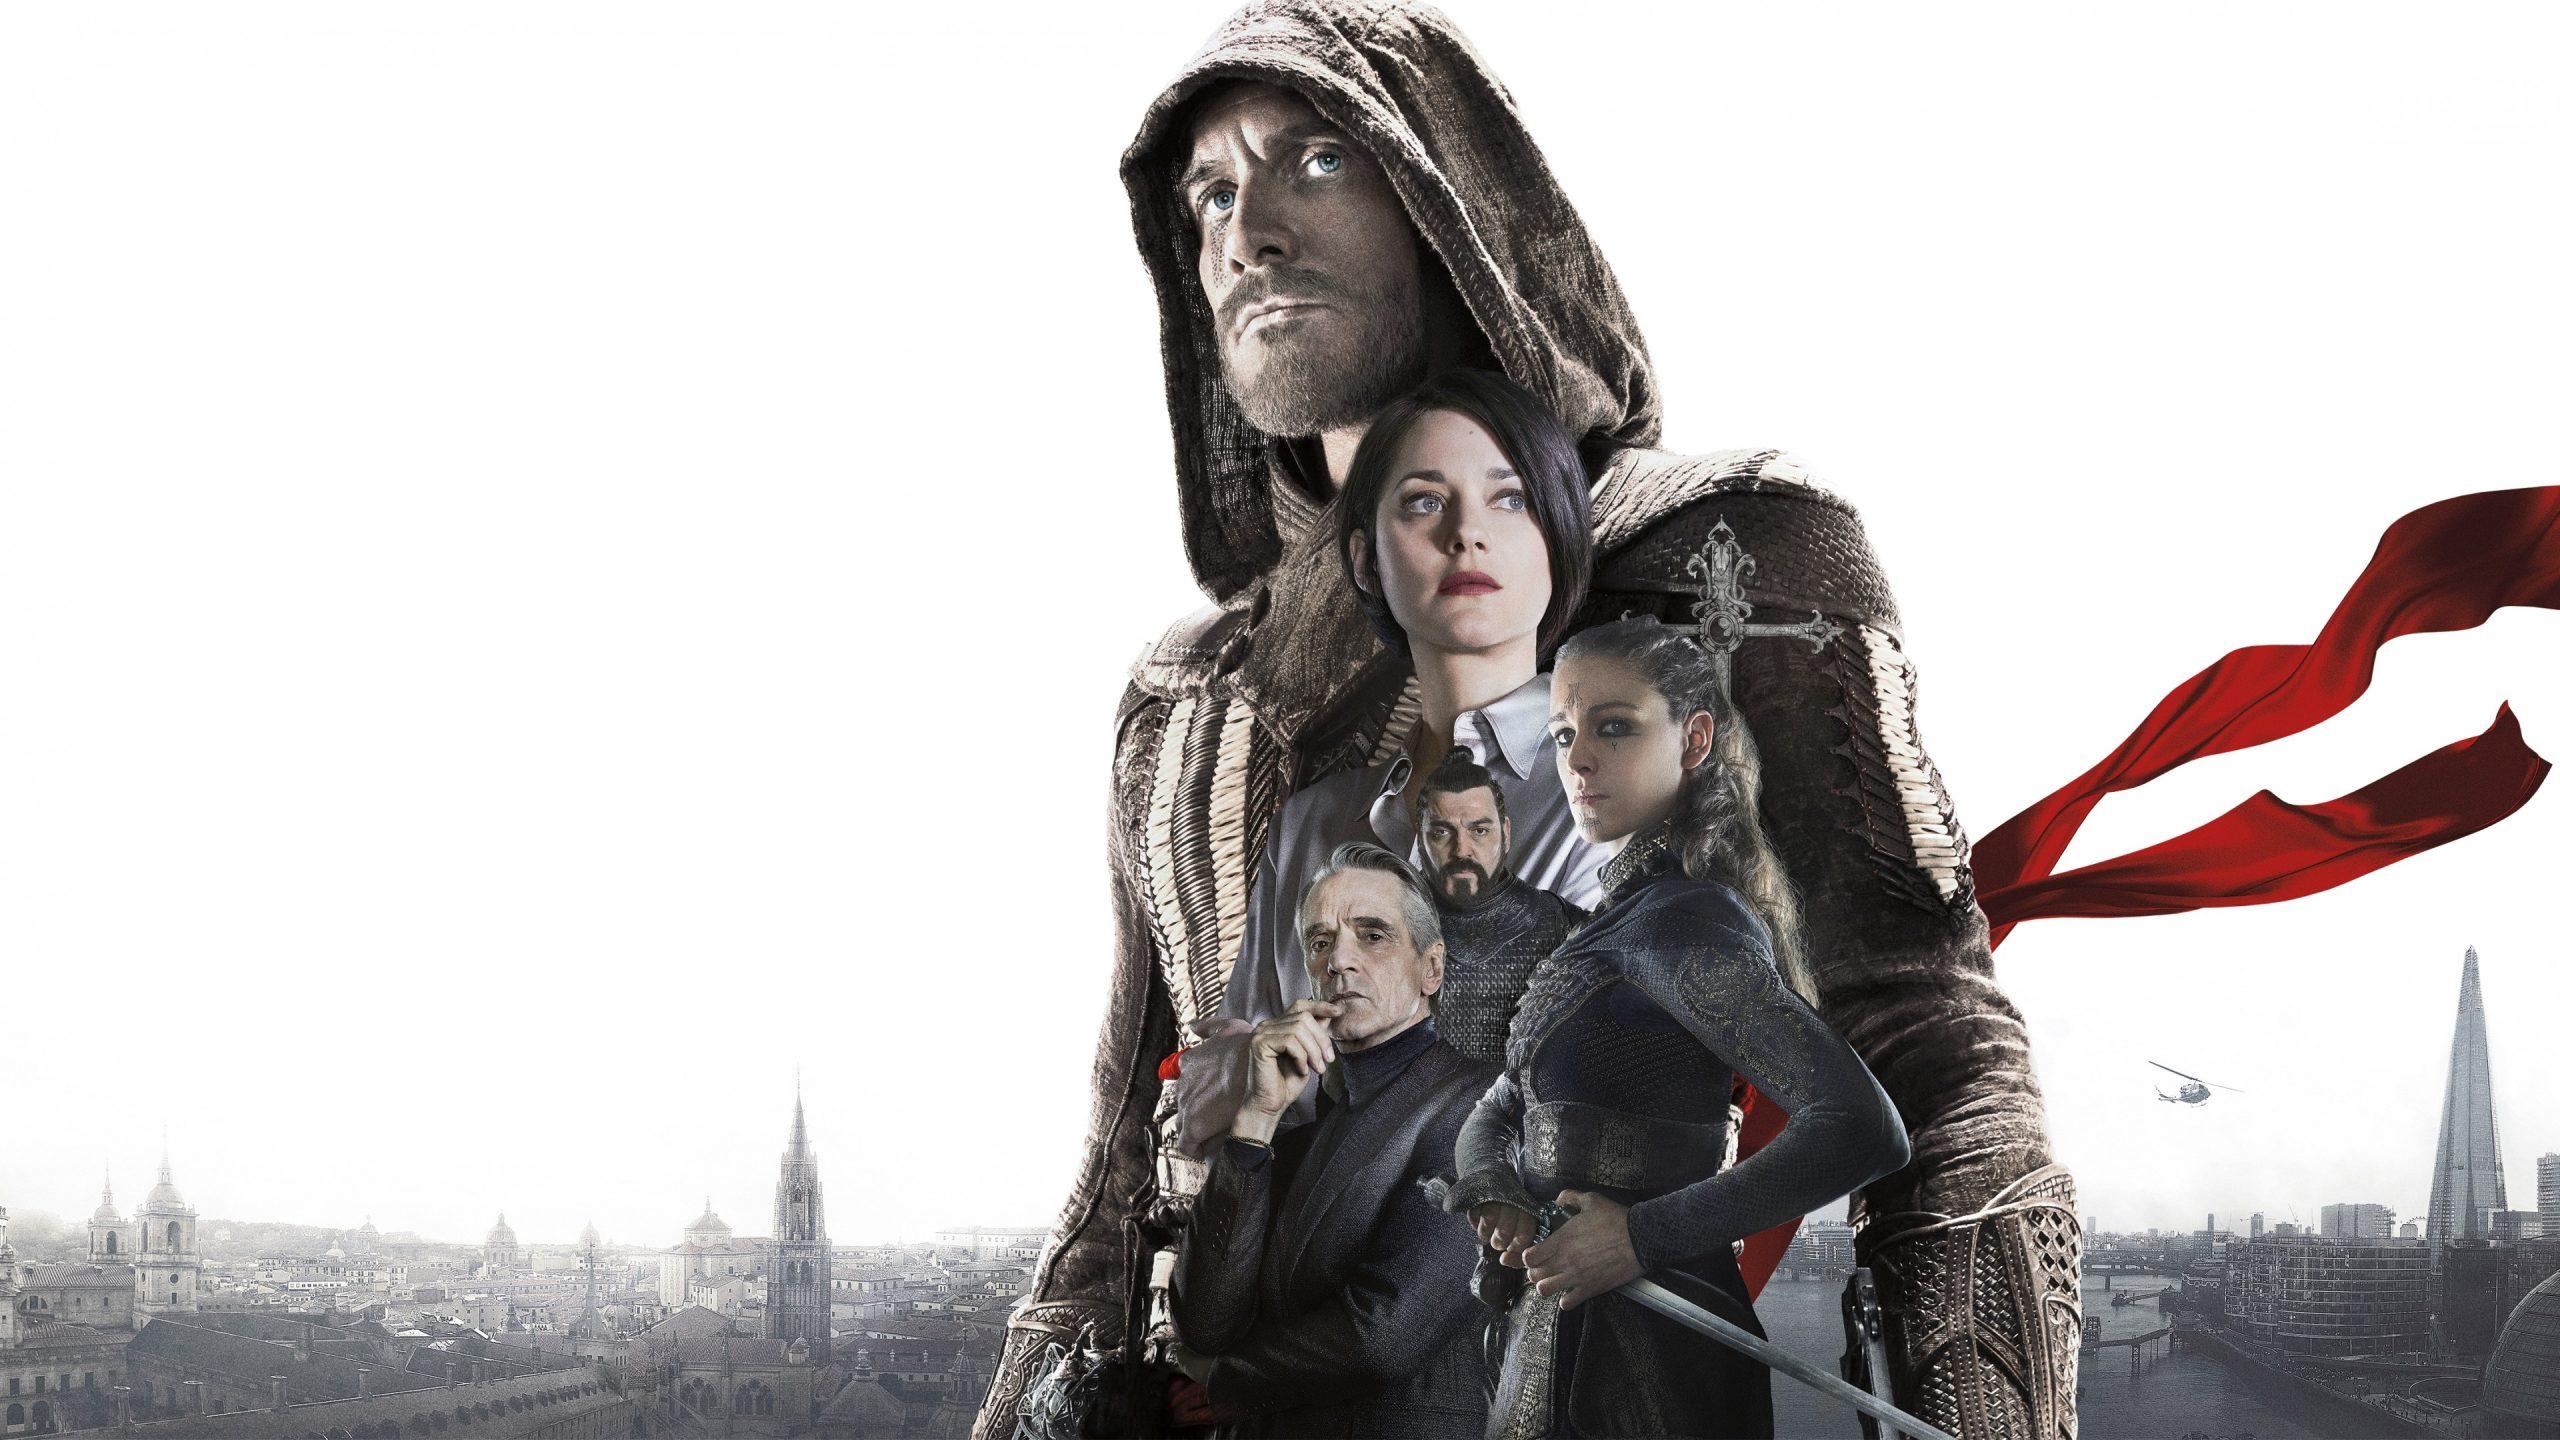 Critique de «Assassin's Creed» (2016): La malédiction se poursuit…